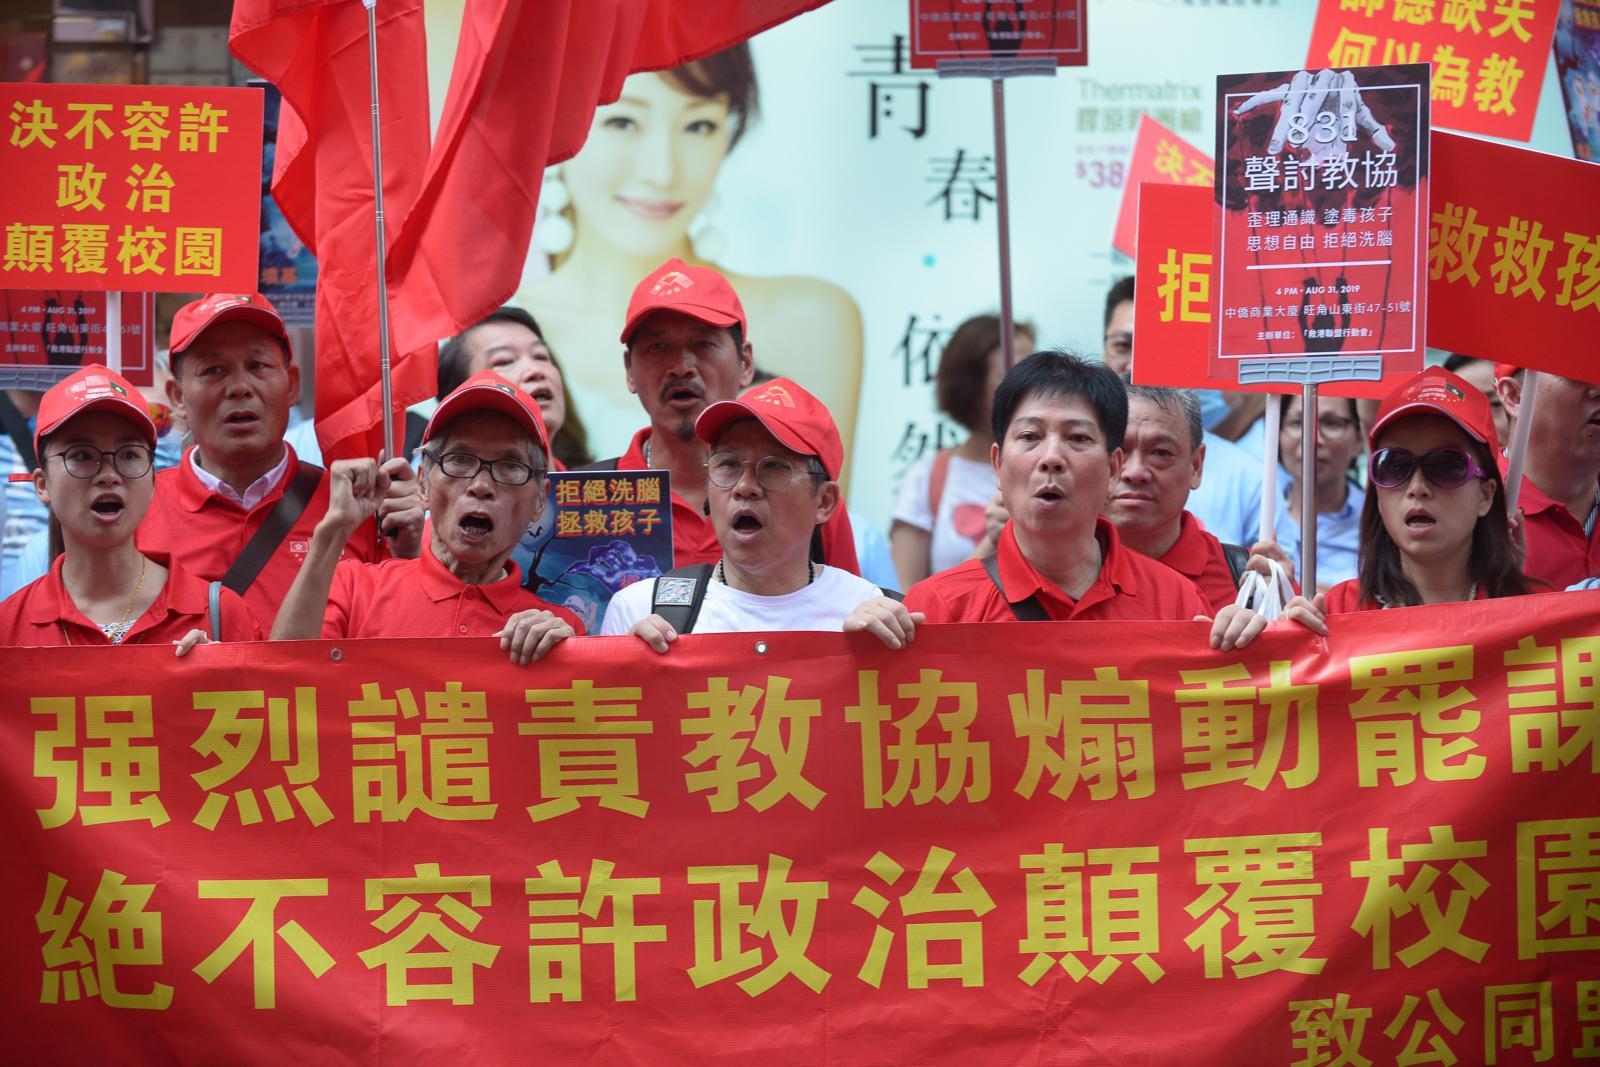 【逃犯条例】「救港联盟」旺角集会 斥教协煽动学生罢课